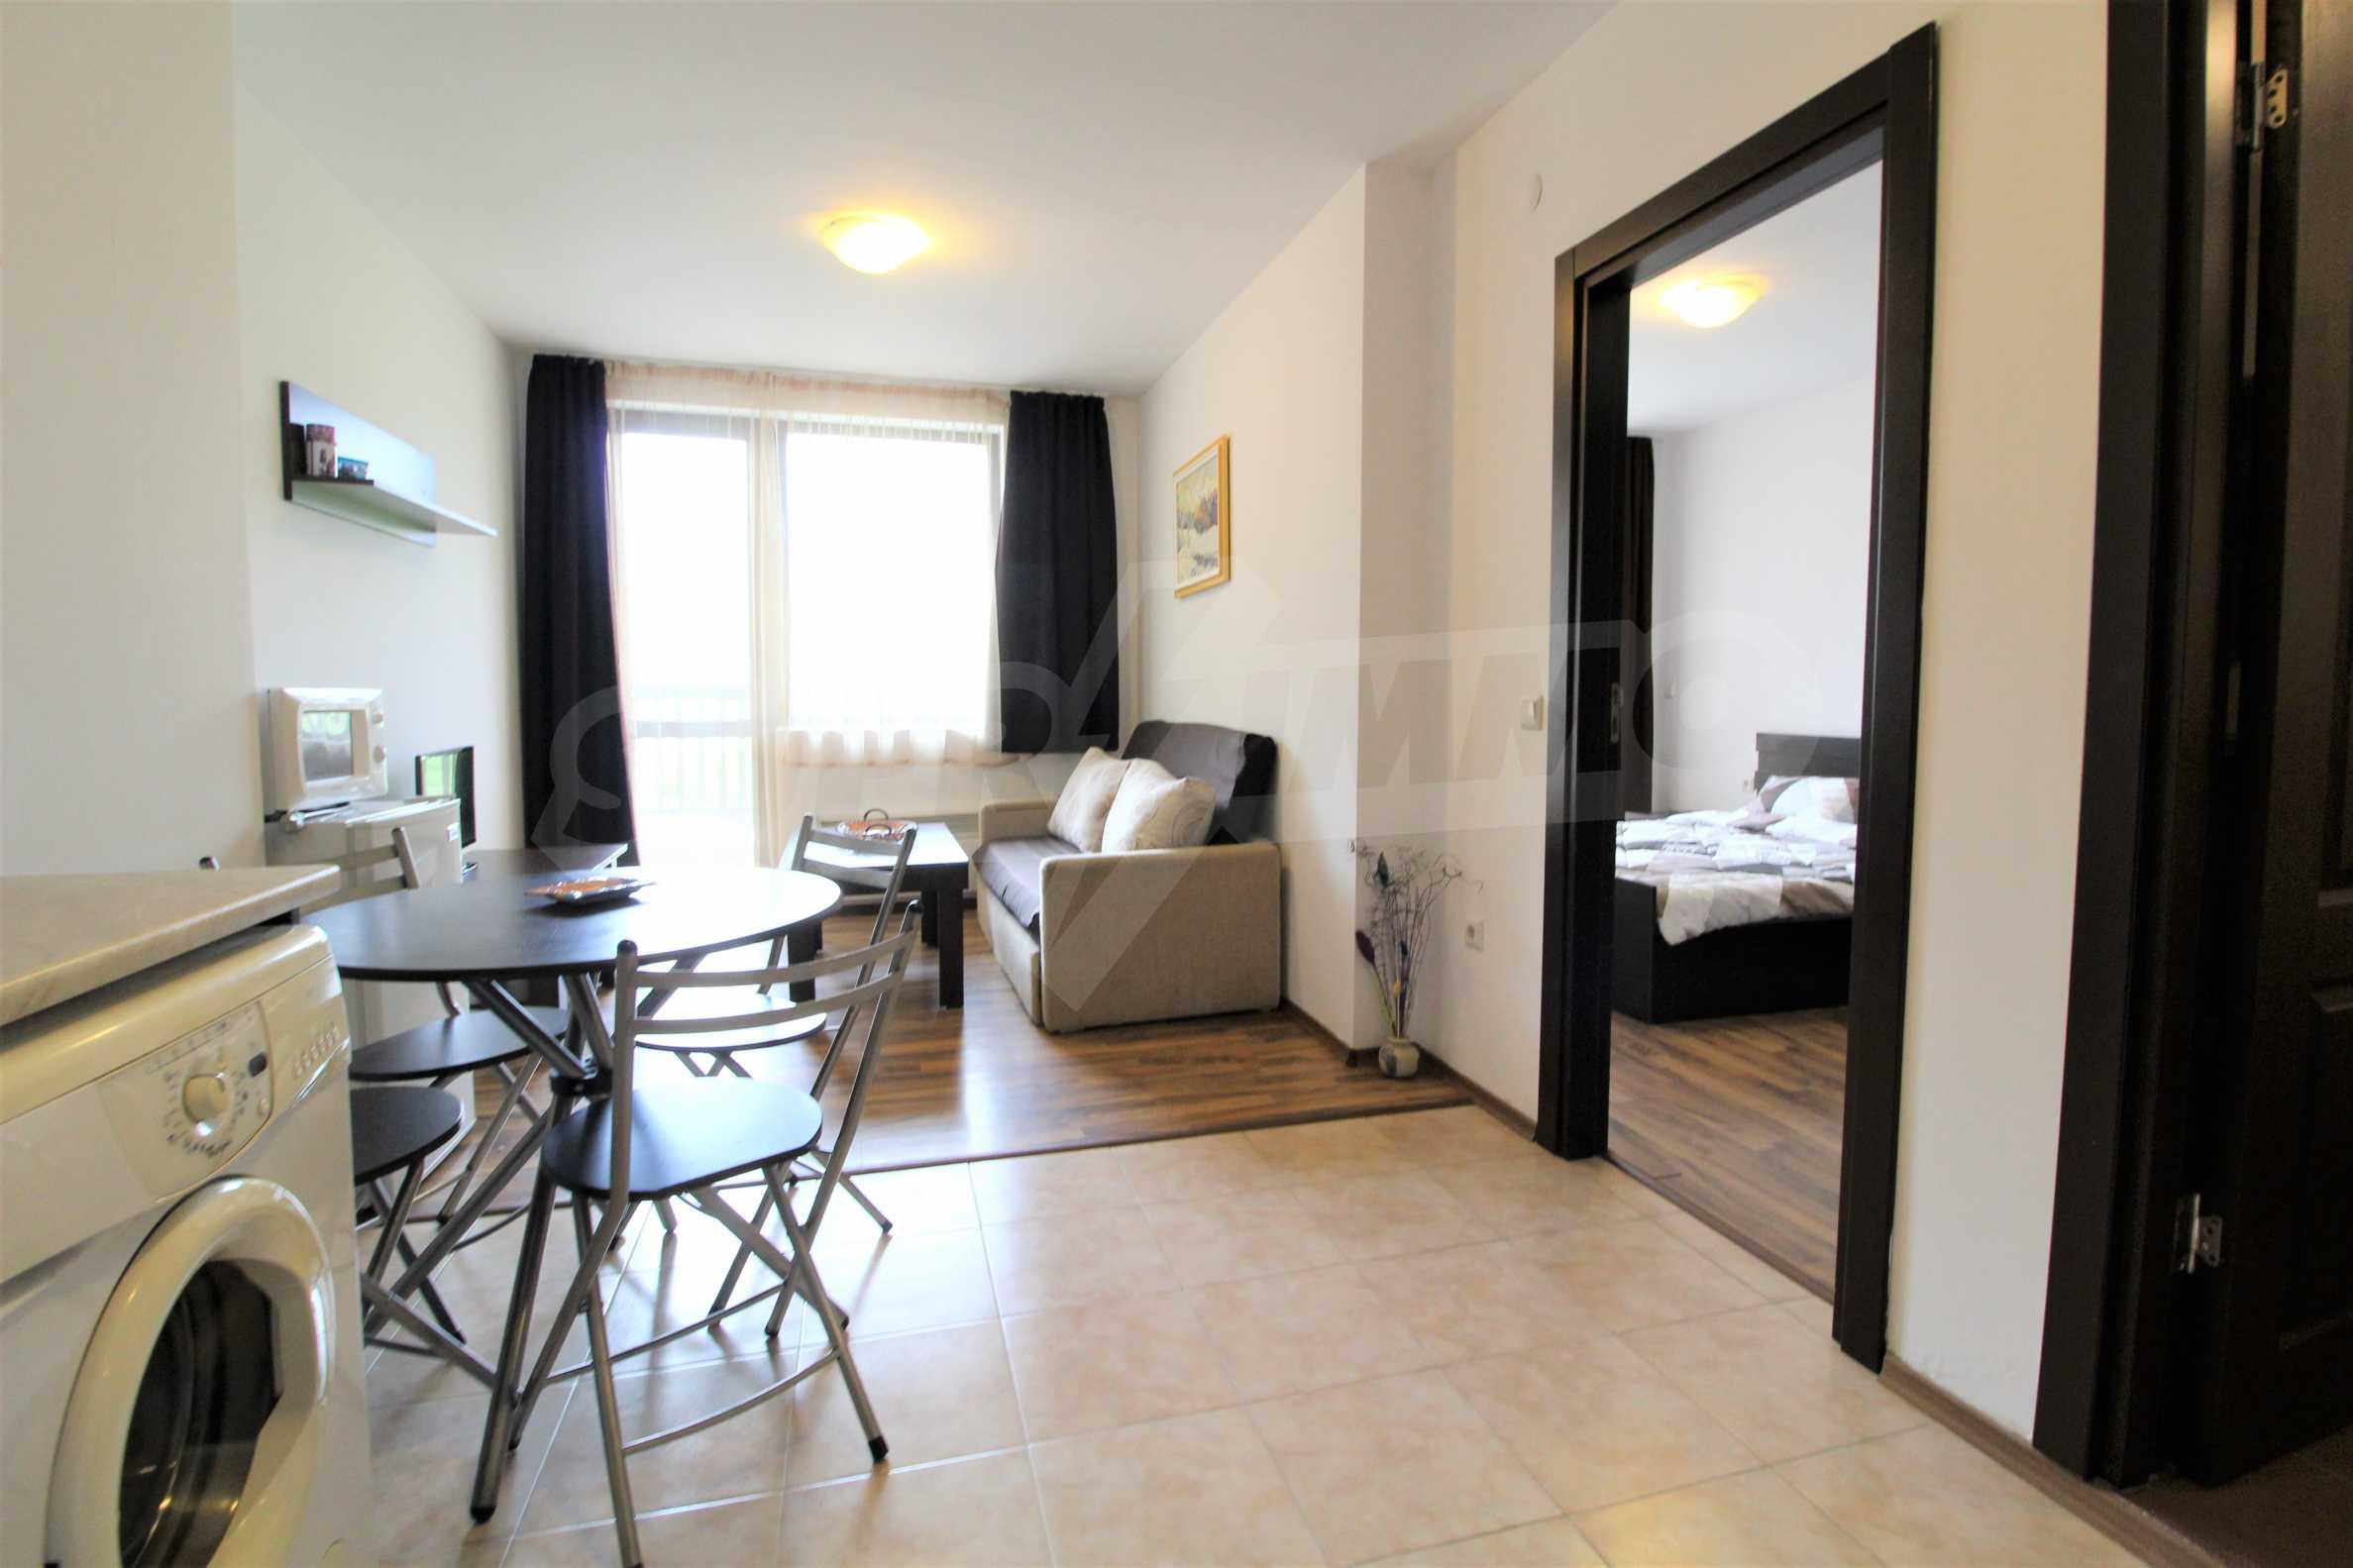 Обзаведен двустаен апартамент, разположен в СПА комплекс Мария Антоанета, само на метри от ски лифта в Банско 11